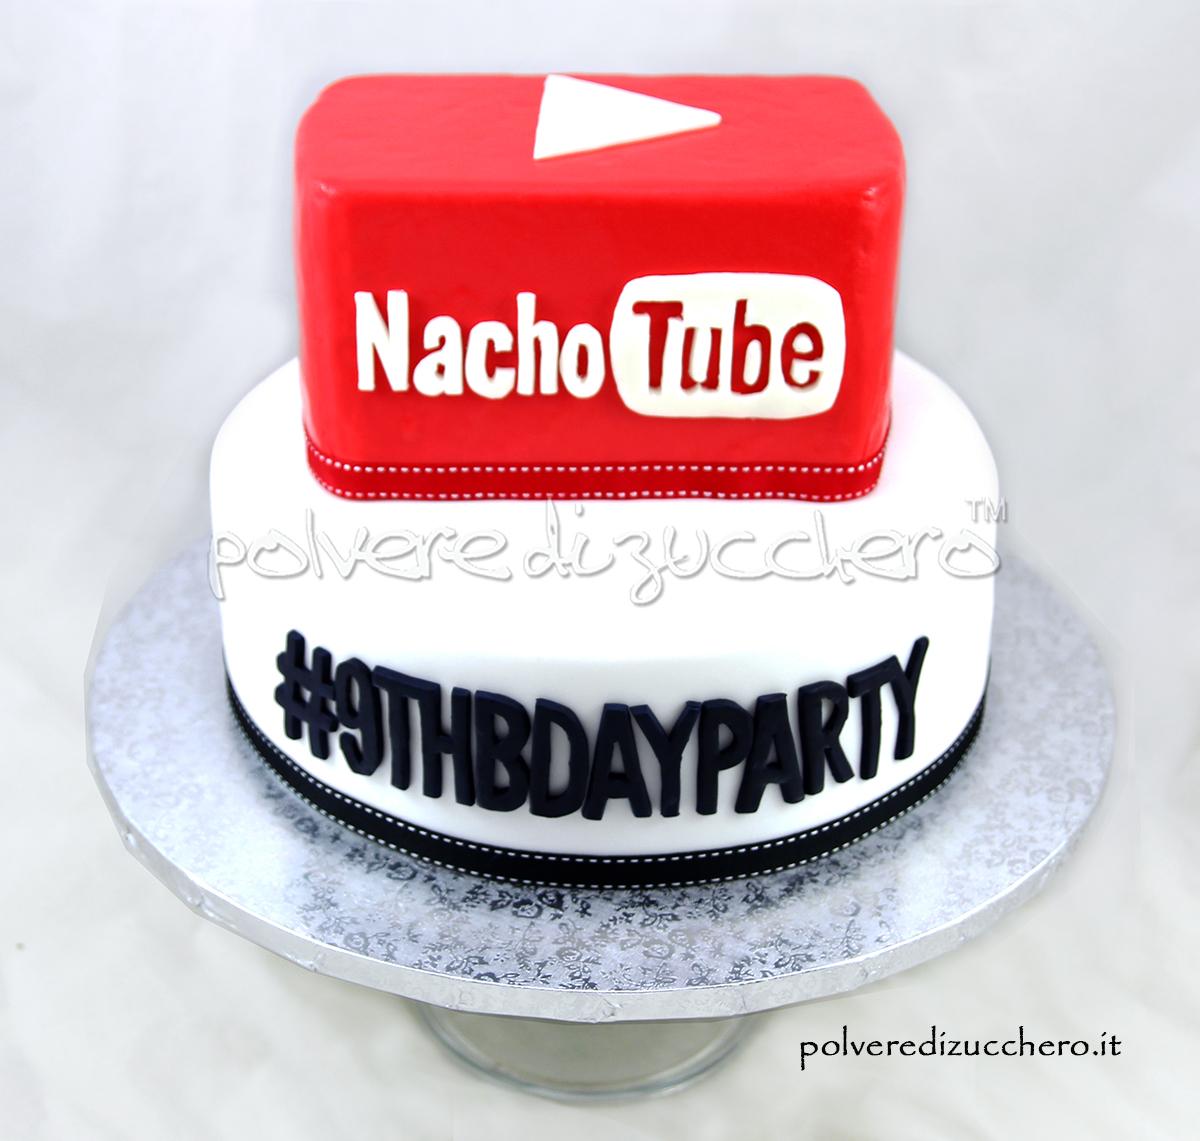 torta decorata pasta di zucchero cake design youtube compleanno polvere di zucchero torta a piani